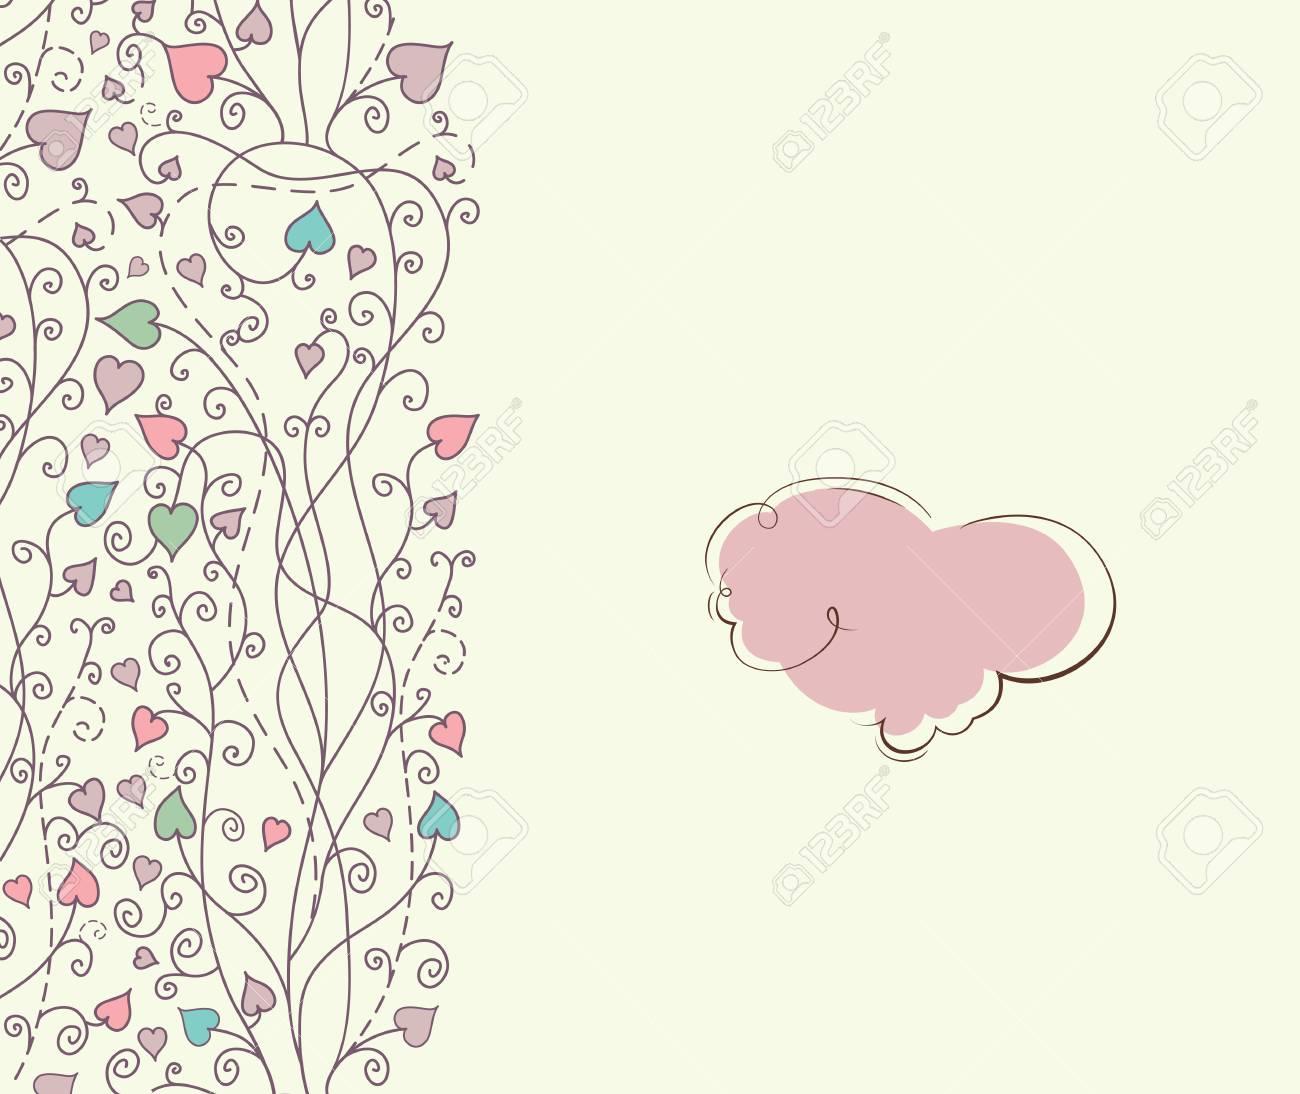 Romantische Schrott Buchung Vorlage Für Glückliche Valentinstag Karte,  Hochzeit, Party, Einladung,